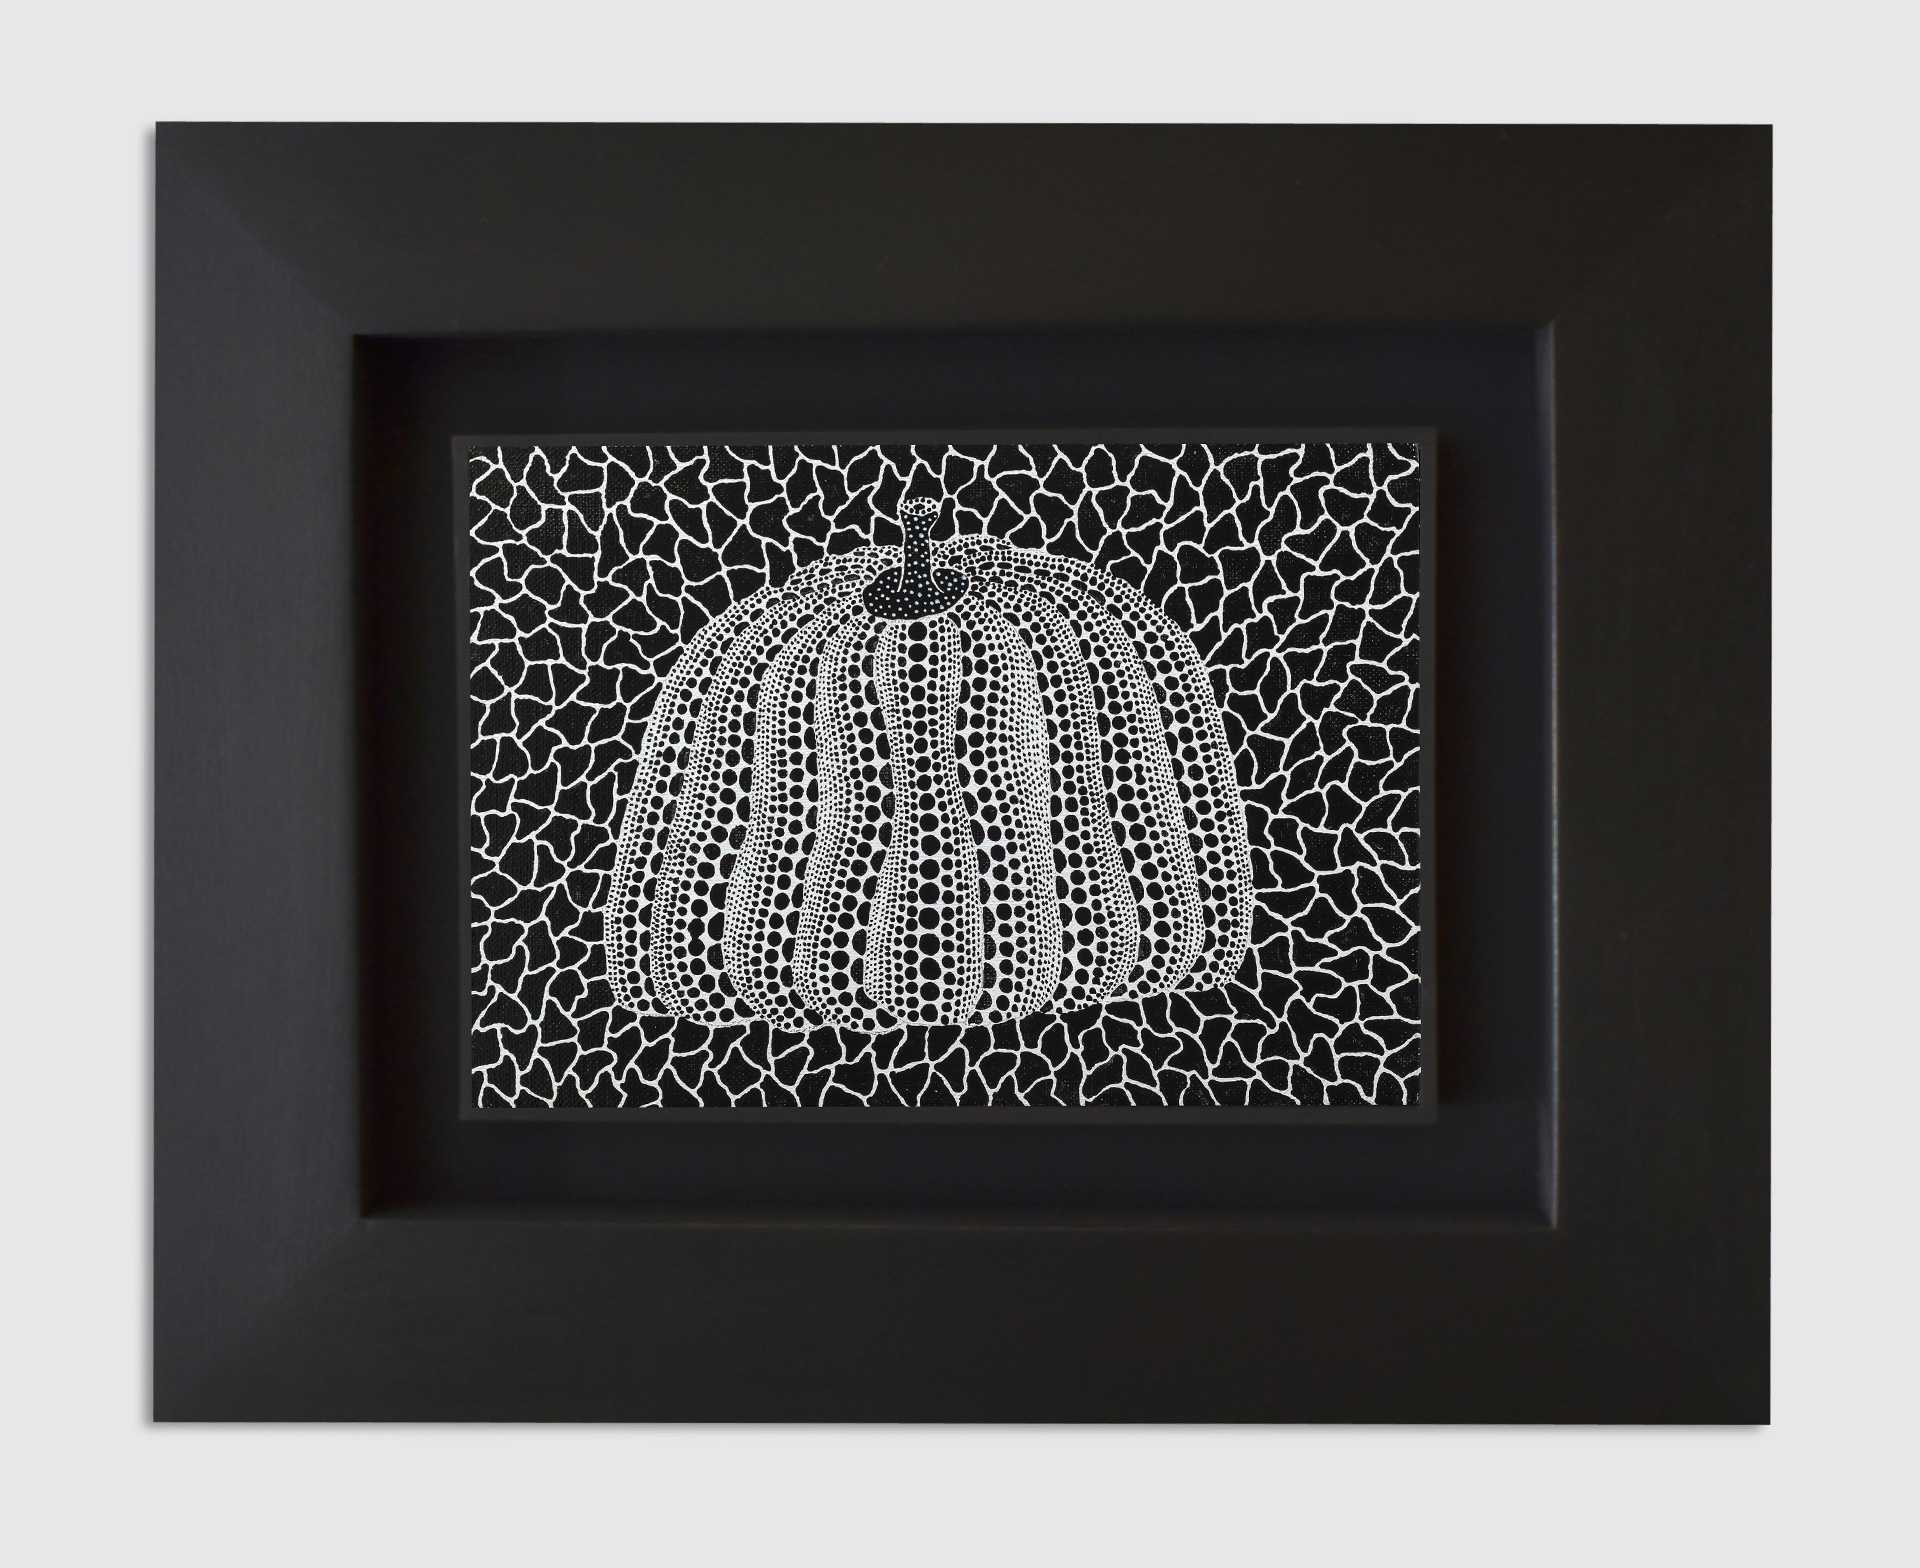 Pumpkin, 1990 by Yayoi Kusama (Galerie Von Vertes)